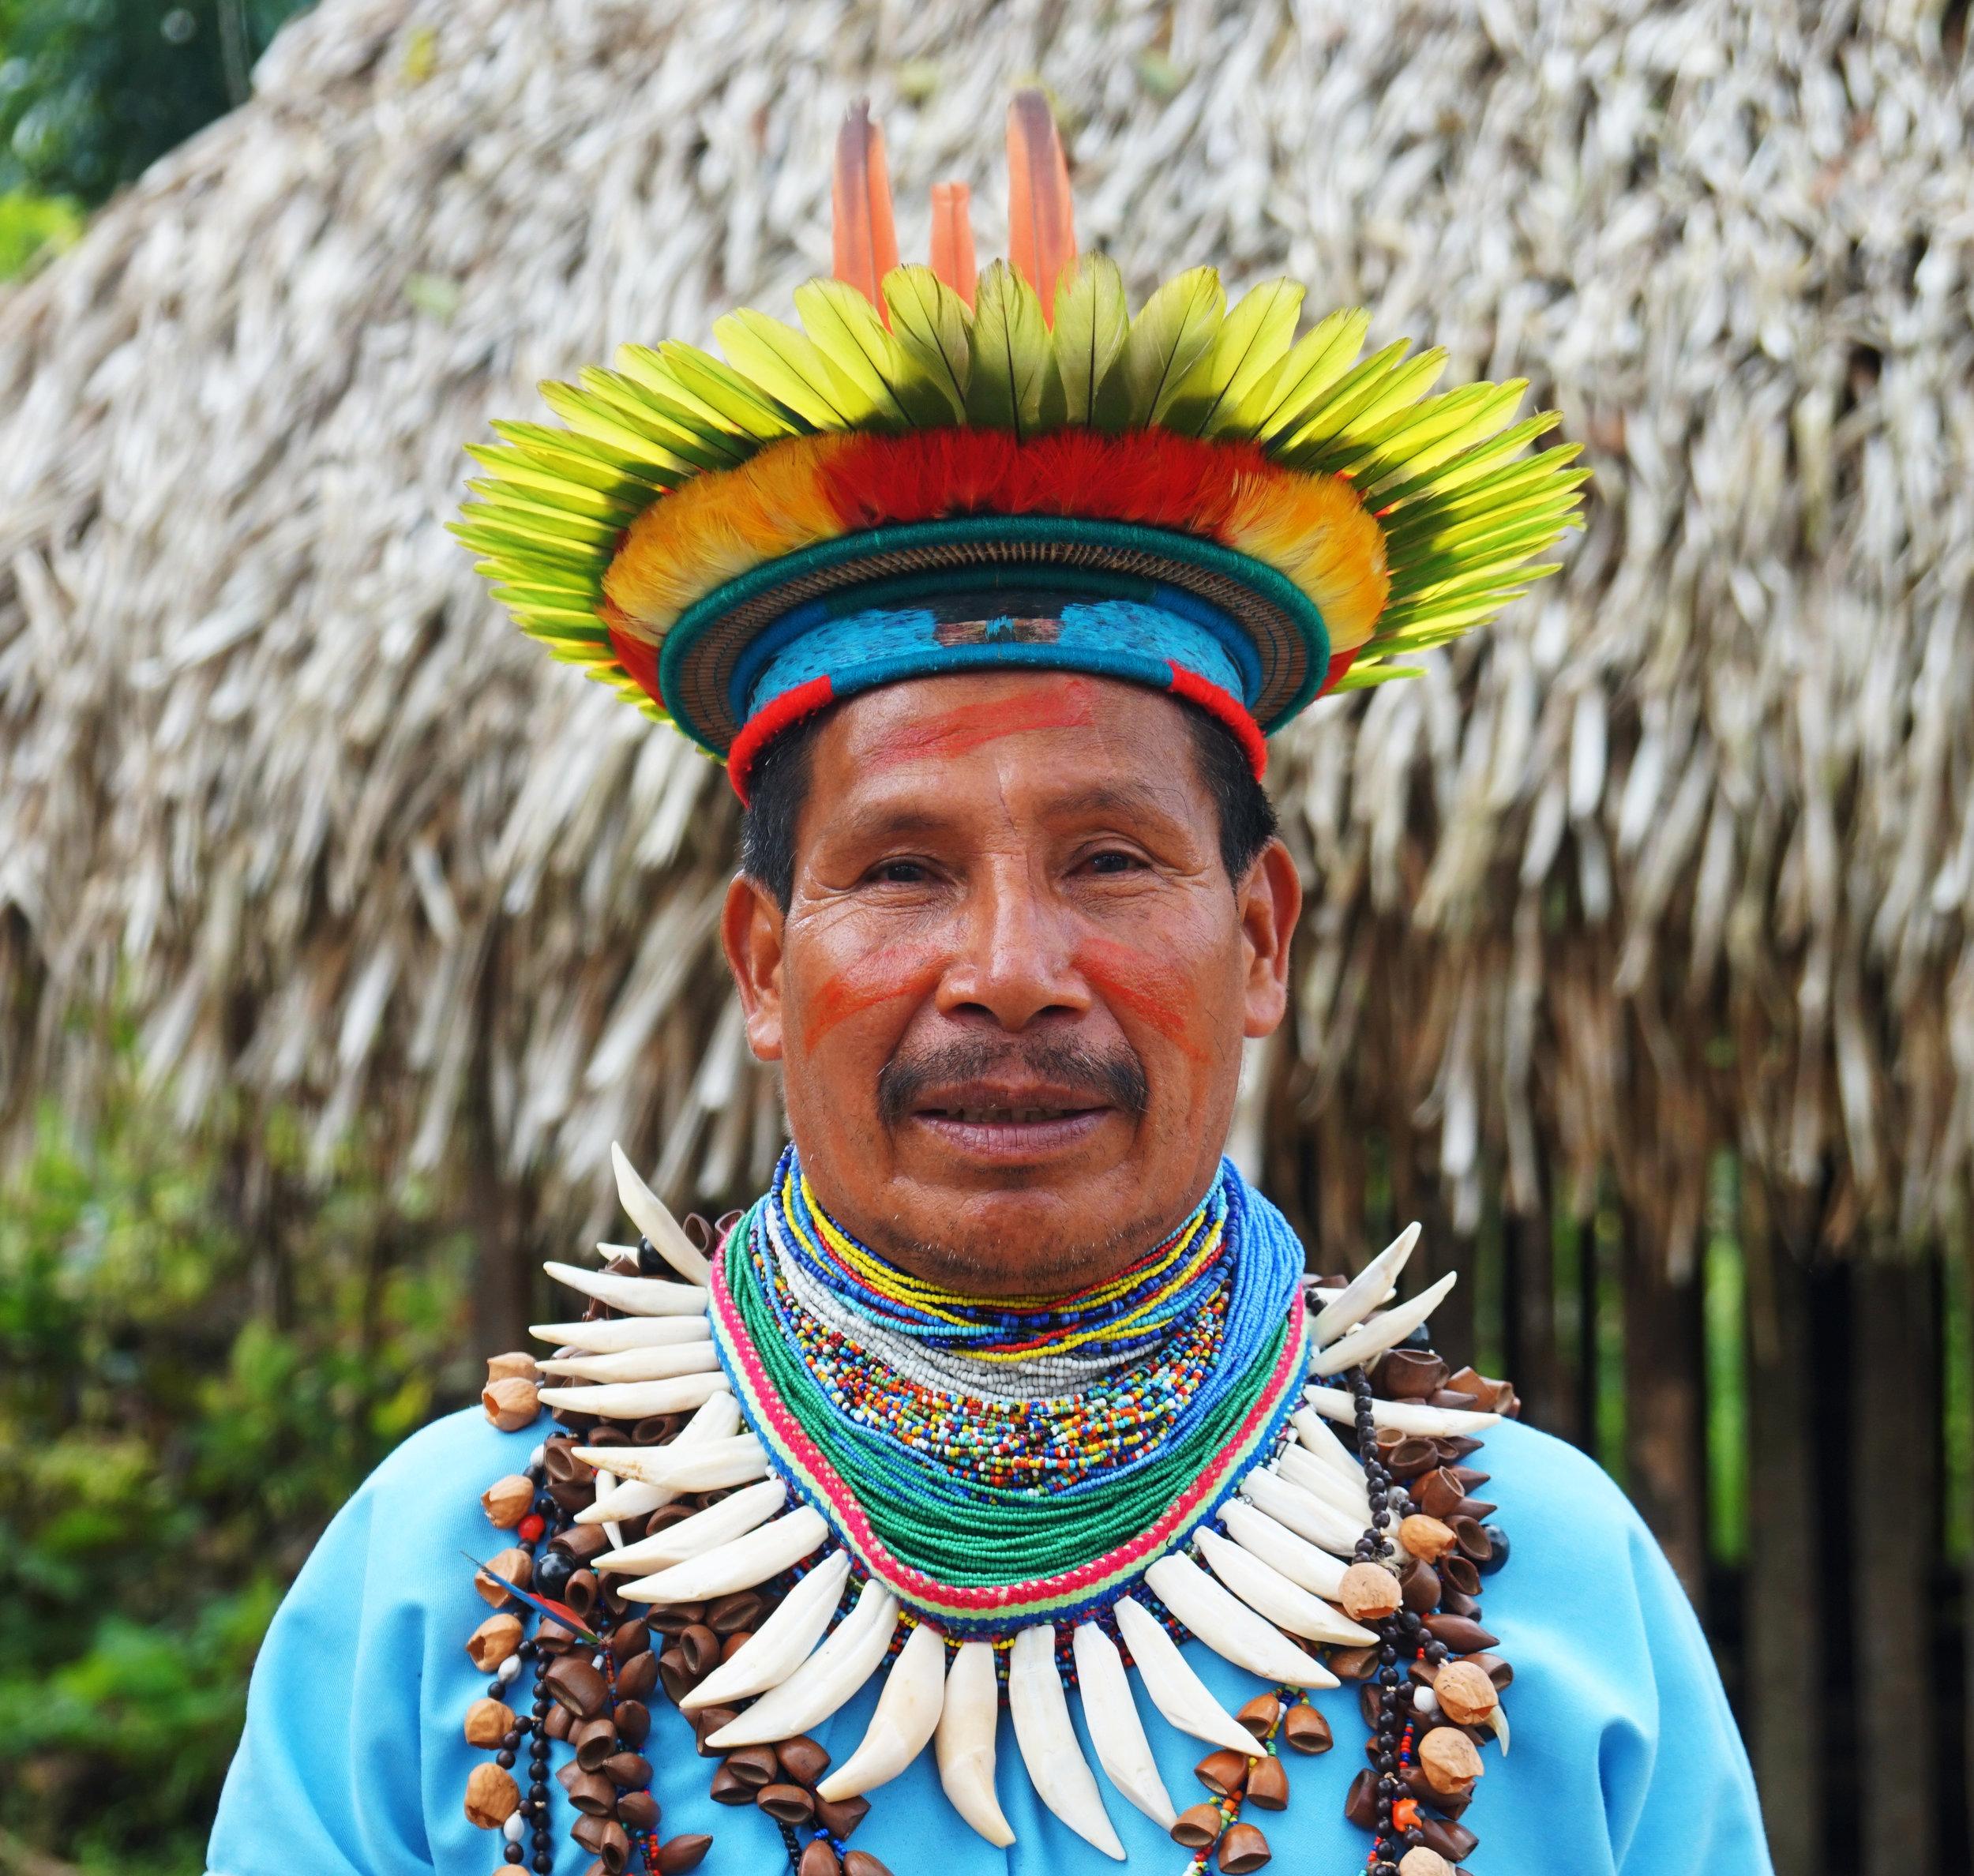 Ecuador_Shaman.jpg